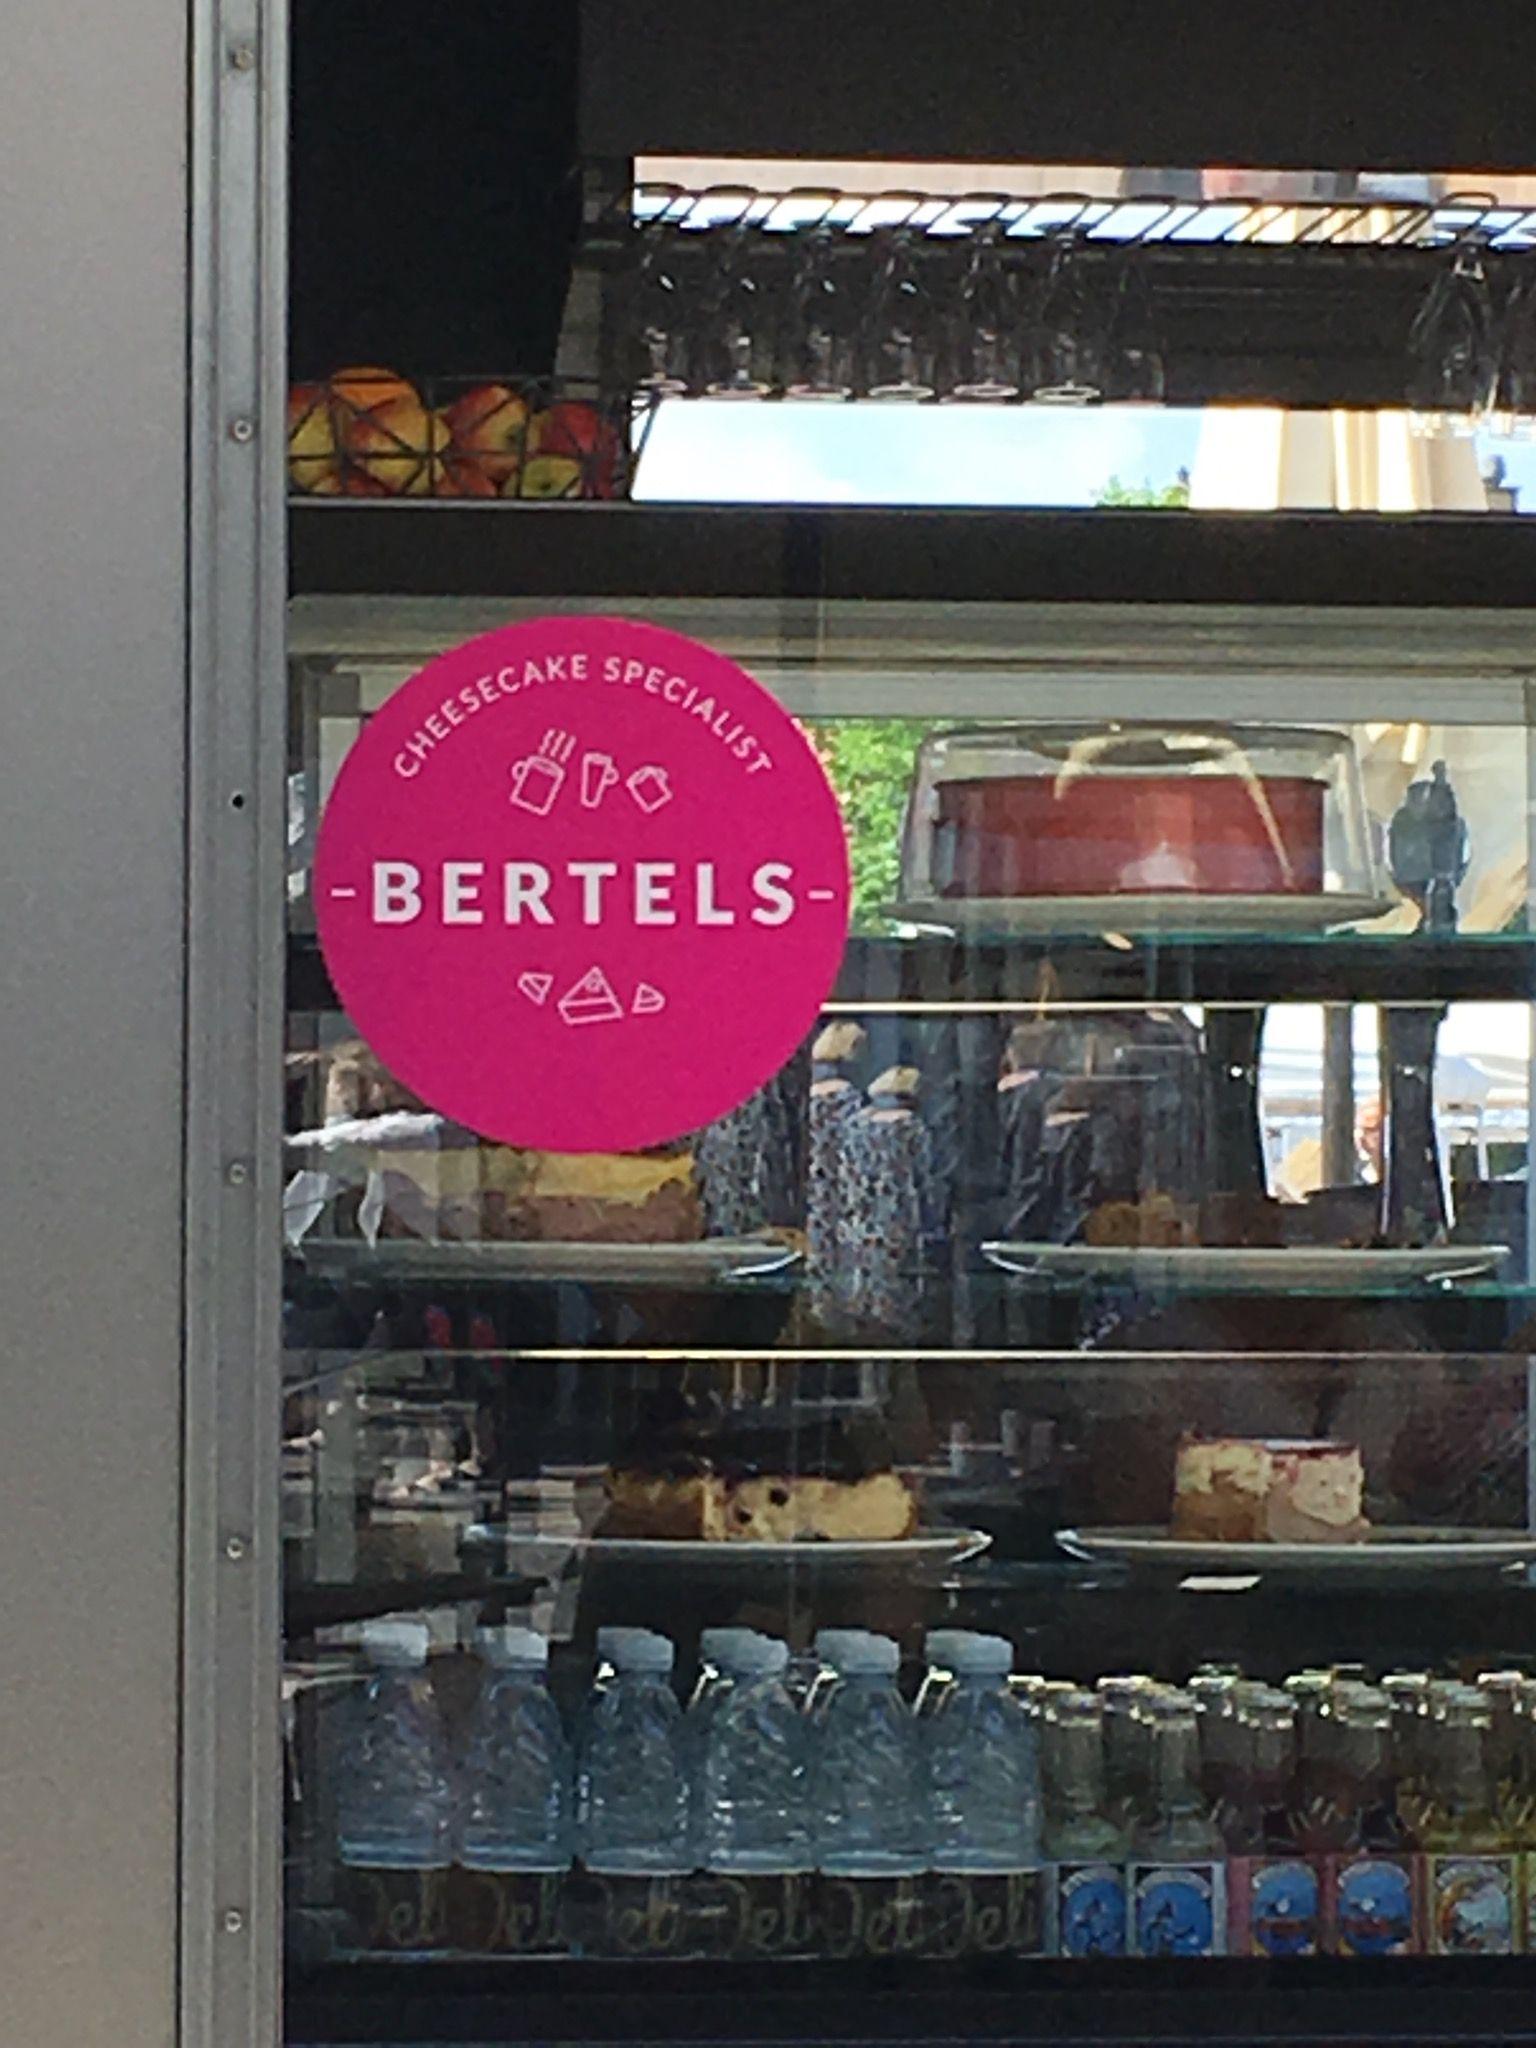 25/5-16 Selv i Køge findes Bertels kager